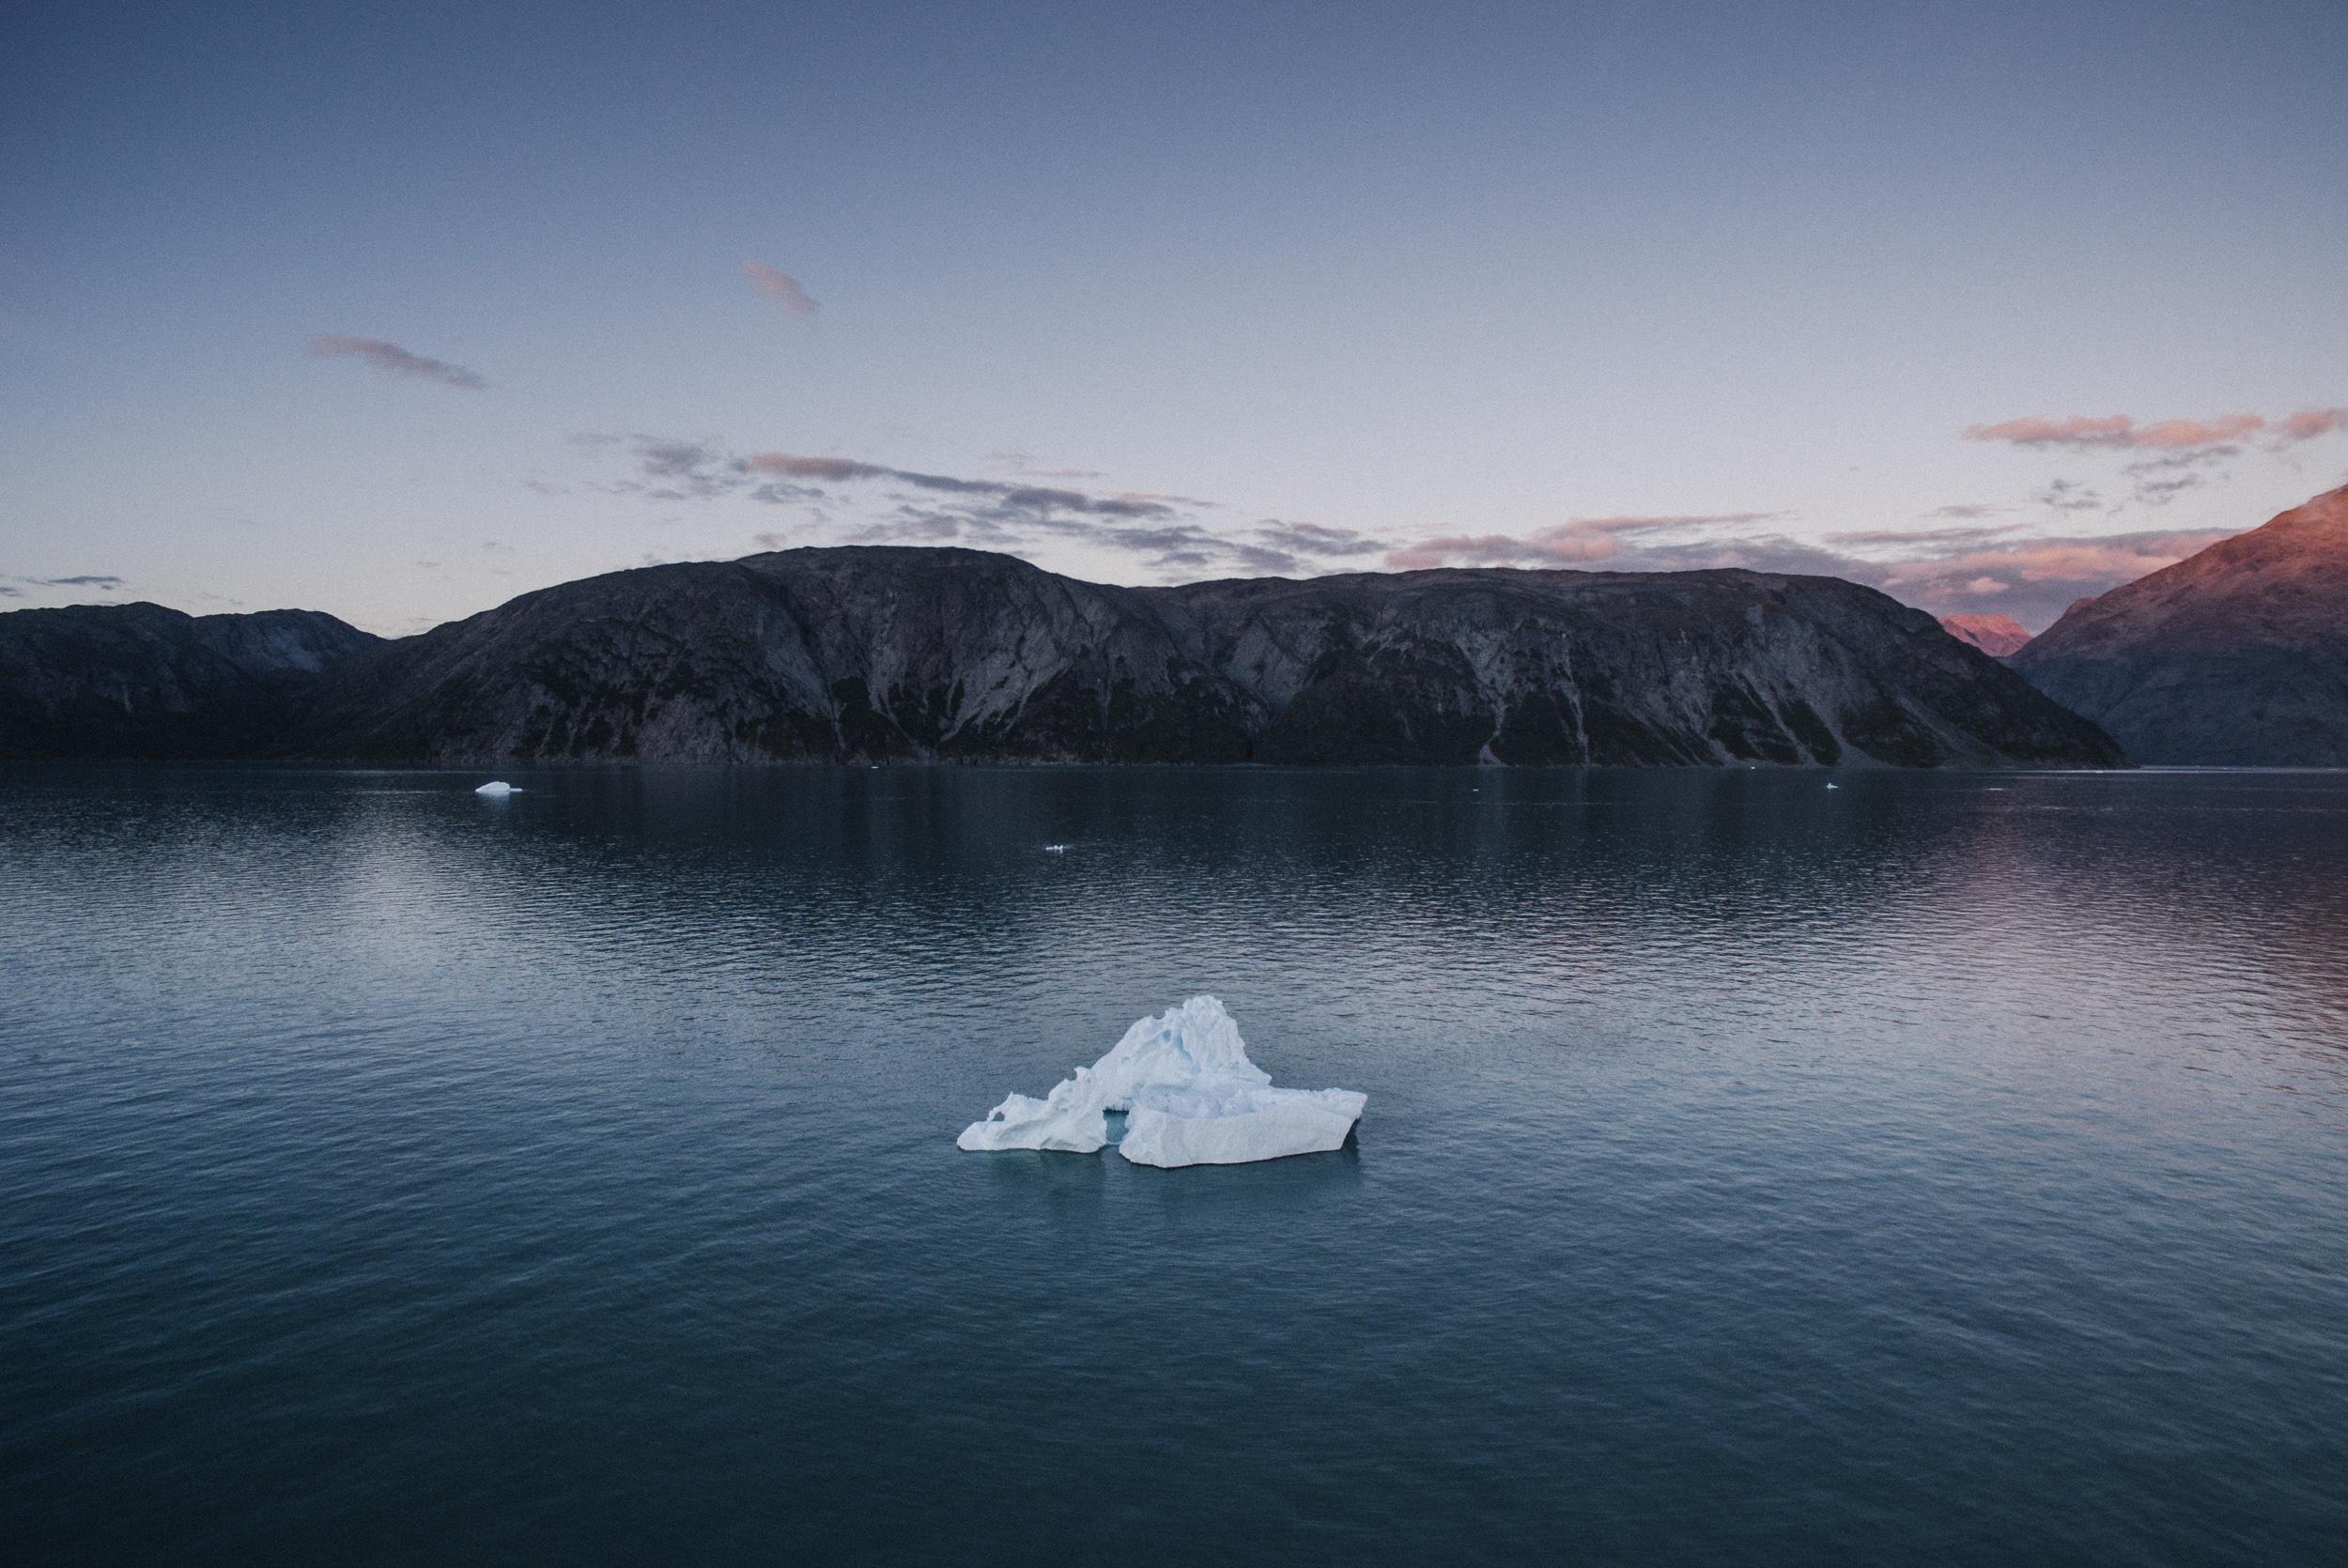 Simone Pieranni: La via della seta polare portata avanti dalla Cina